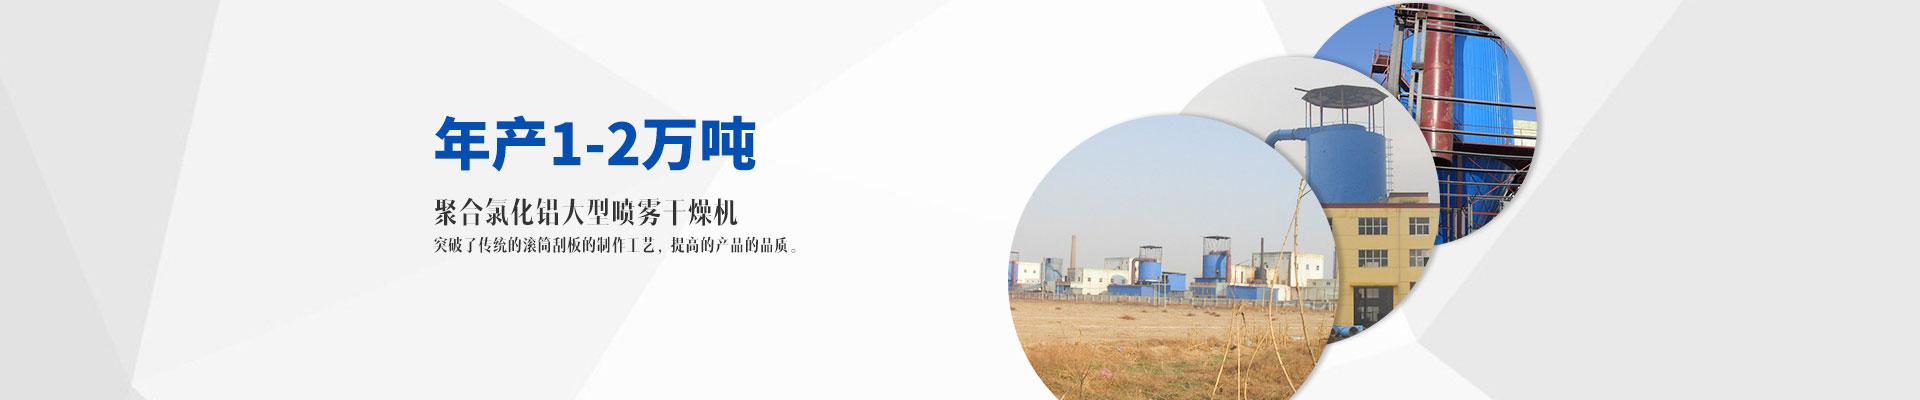 江阴市华力干燥设备有限公司